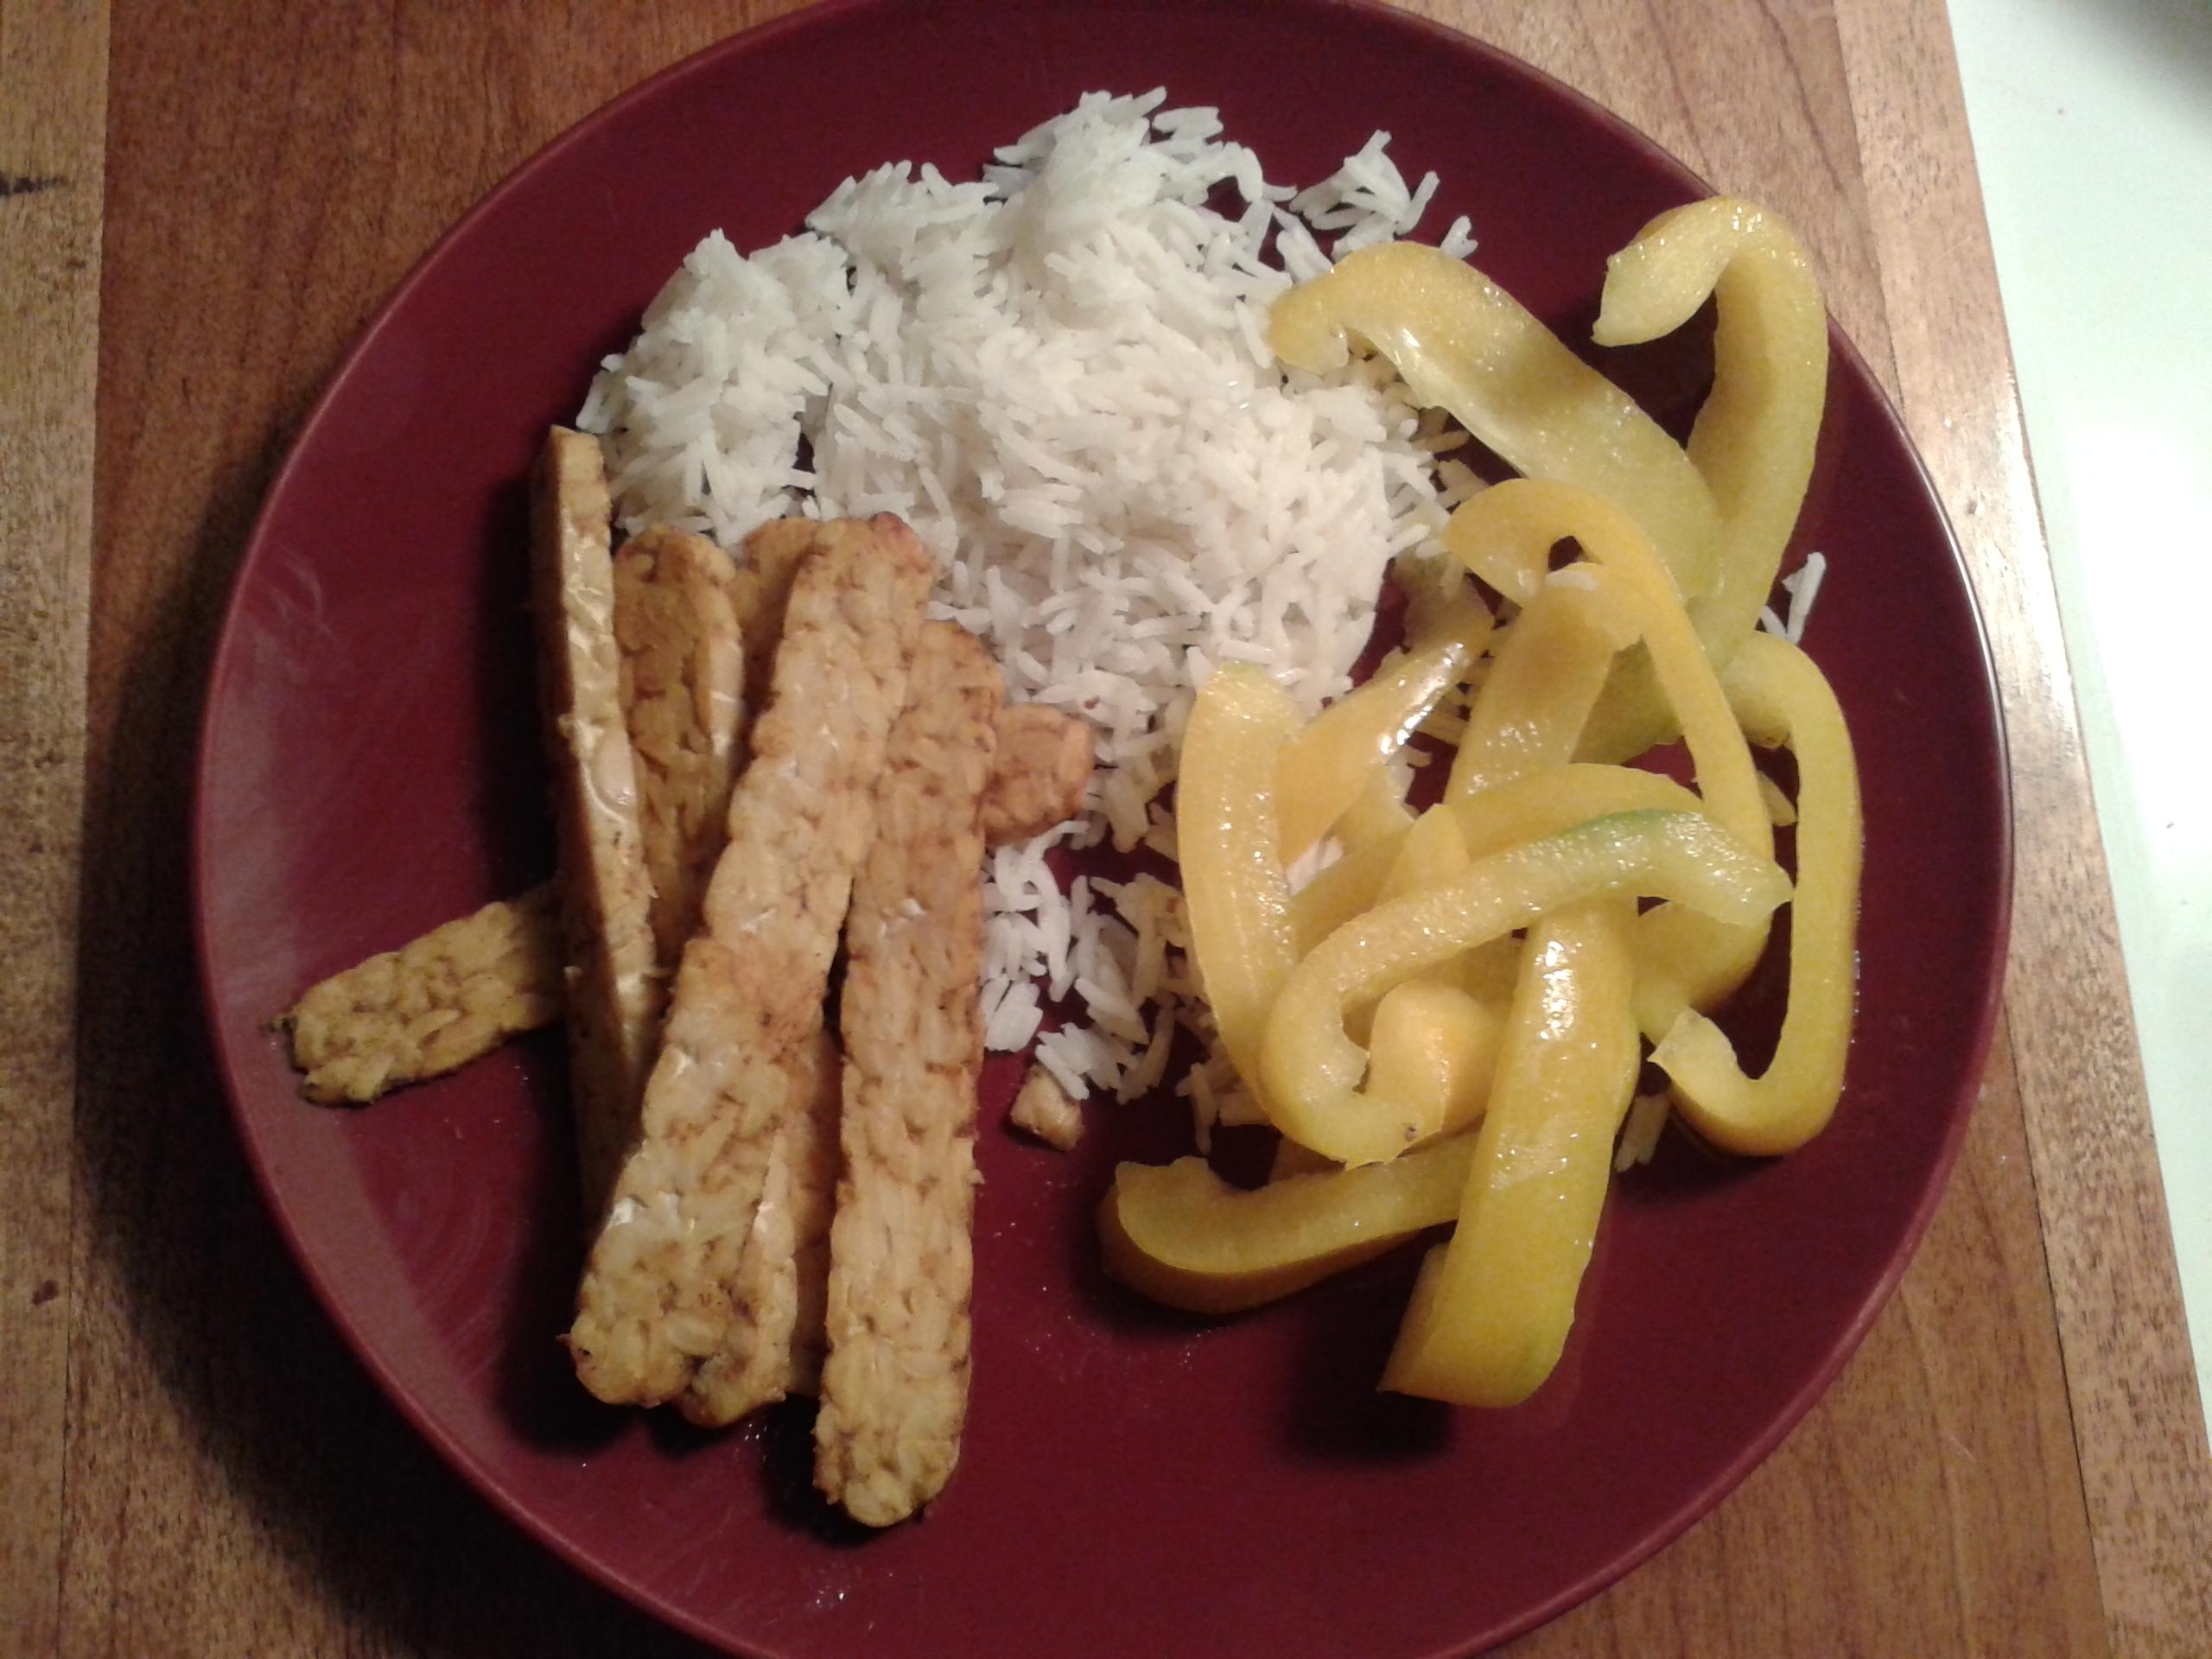 Servi avec un restant de riz basmati et du poivron jaune sauté.